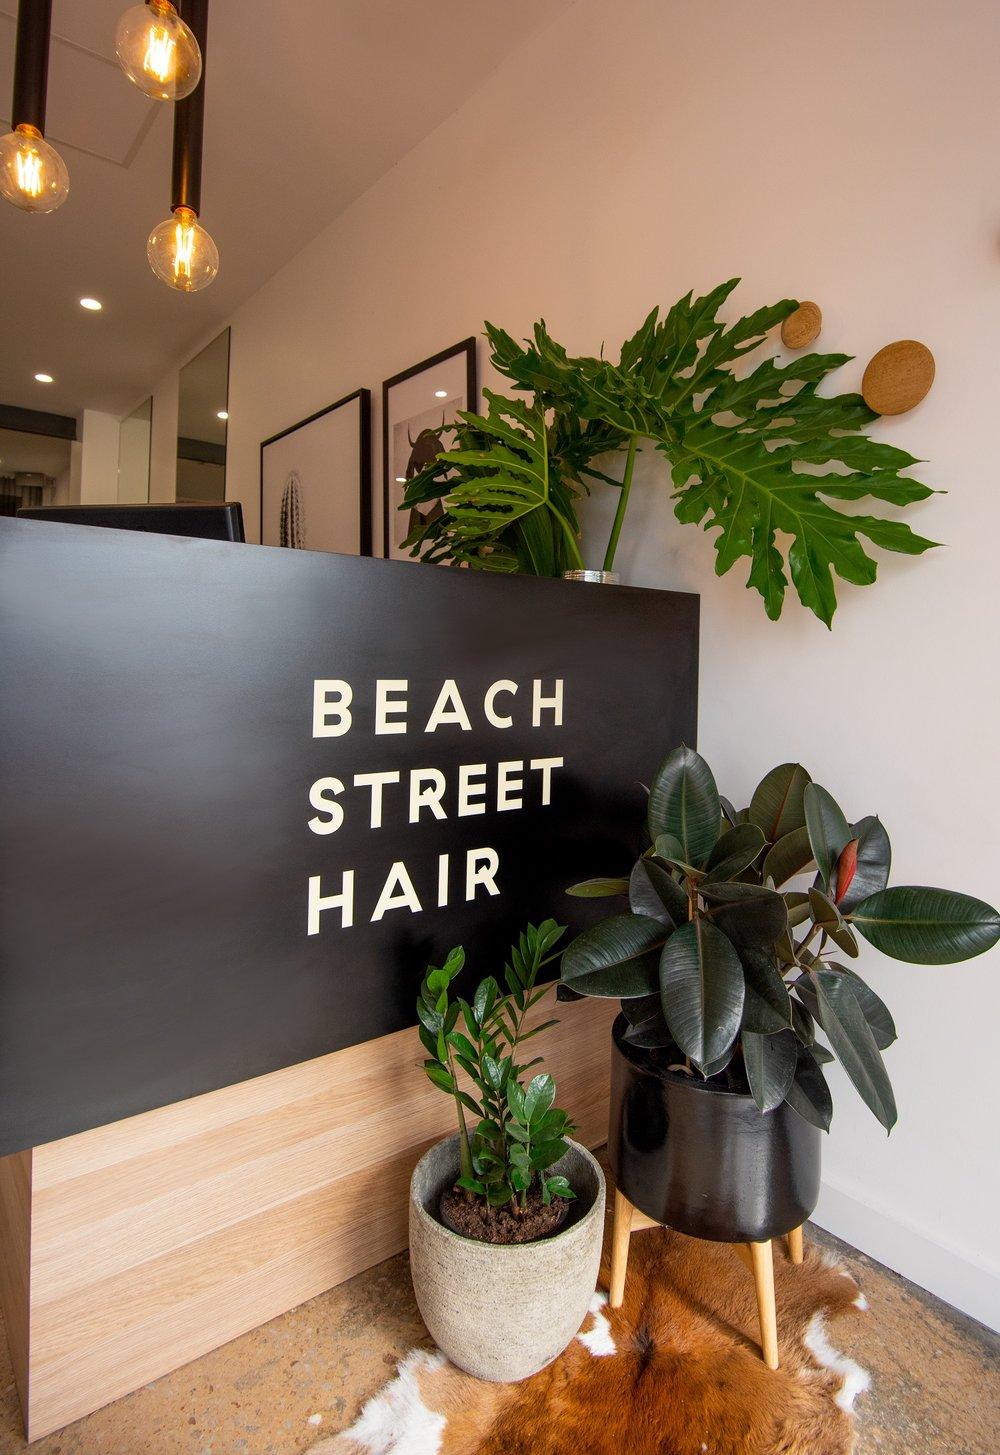 Beach Street Hair-7.jpg